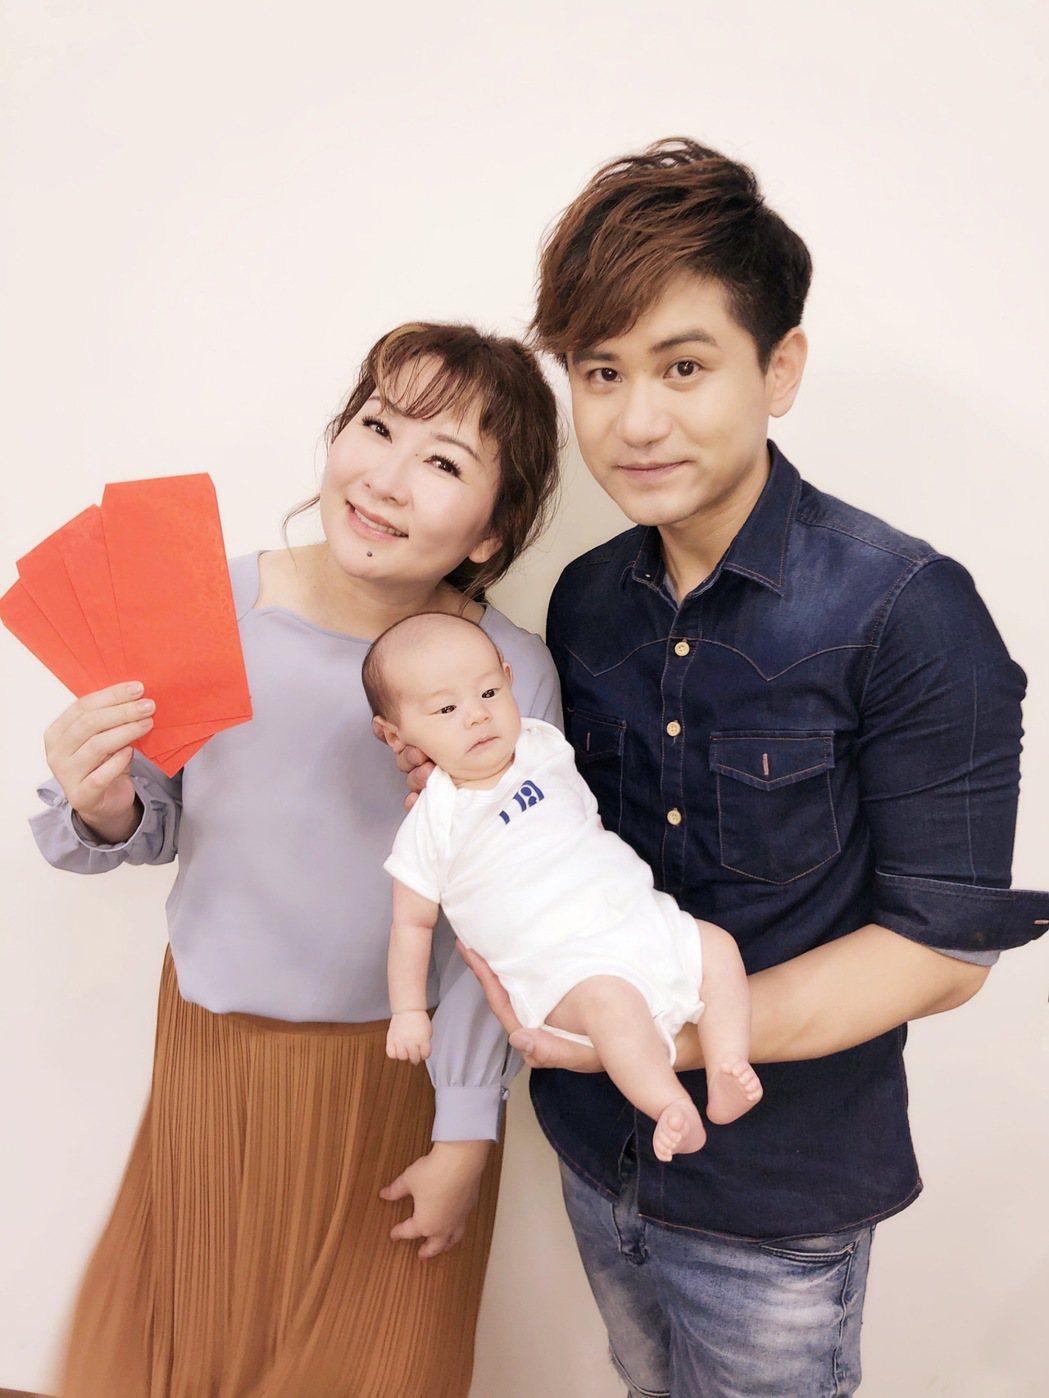 吳俊宏升格當爸,兒子的乾媽張秀卿送上大紅包祝賀。圖/豪記唱片提供